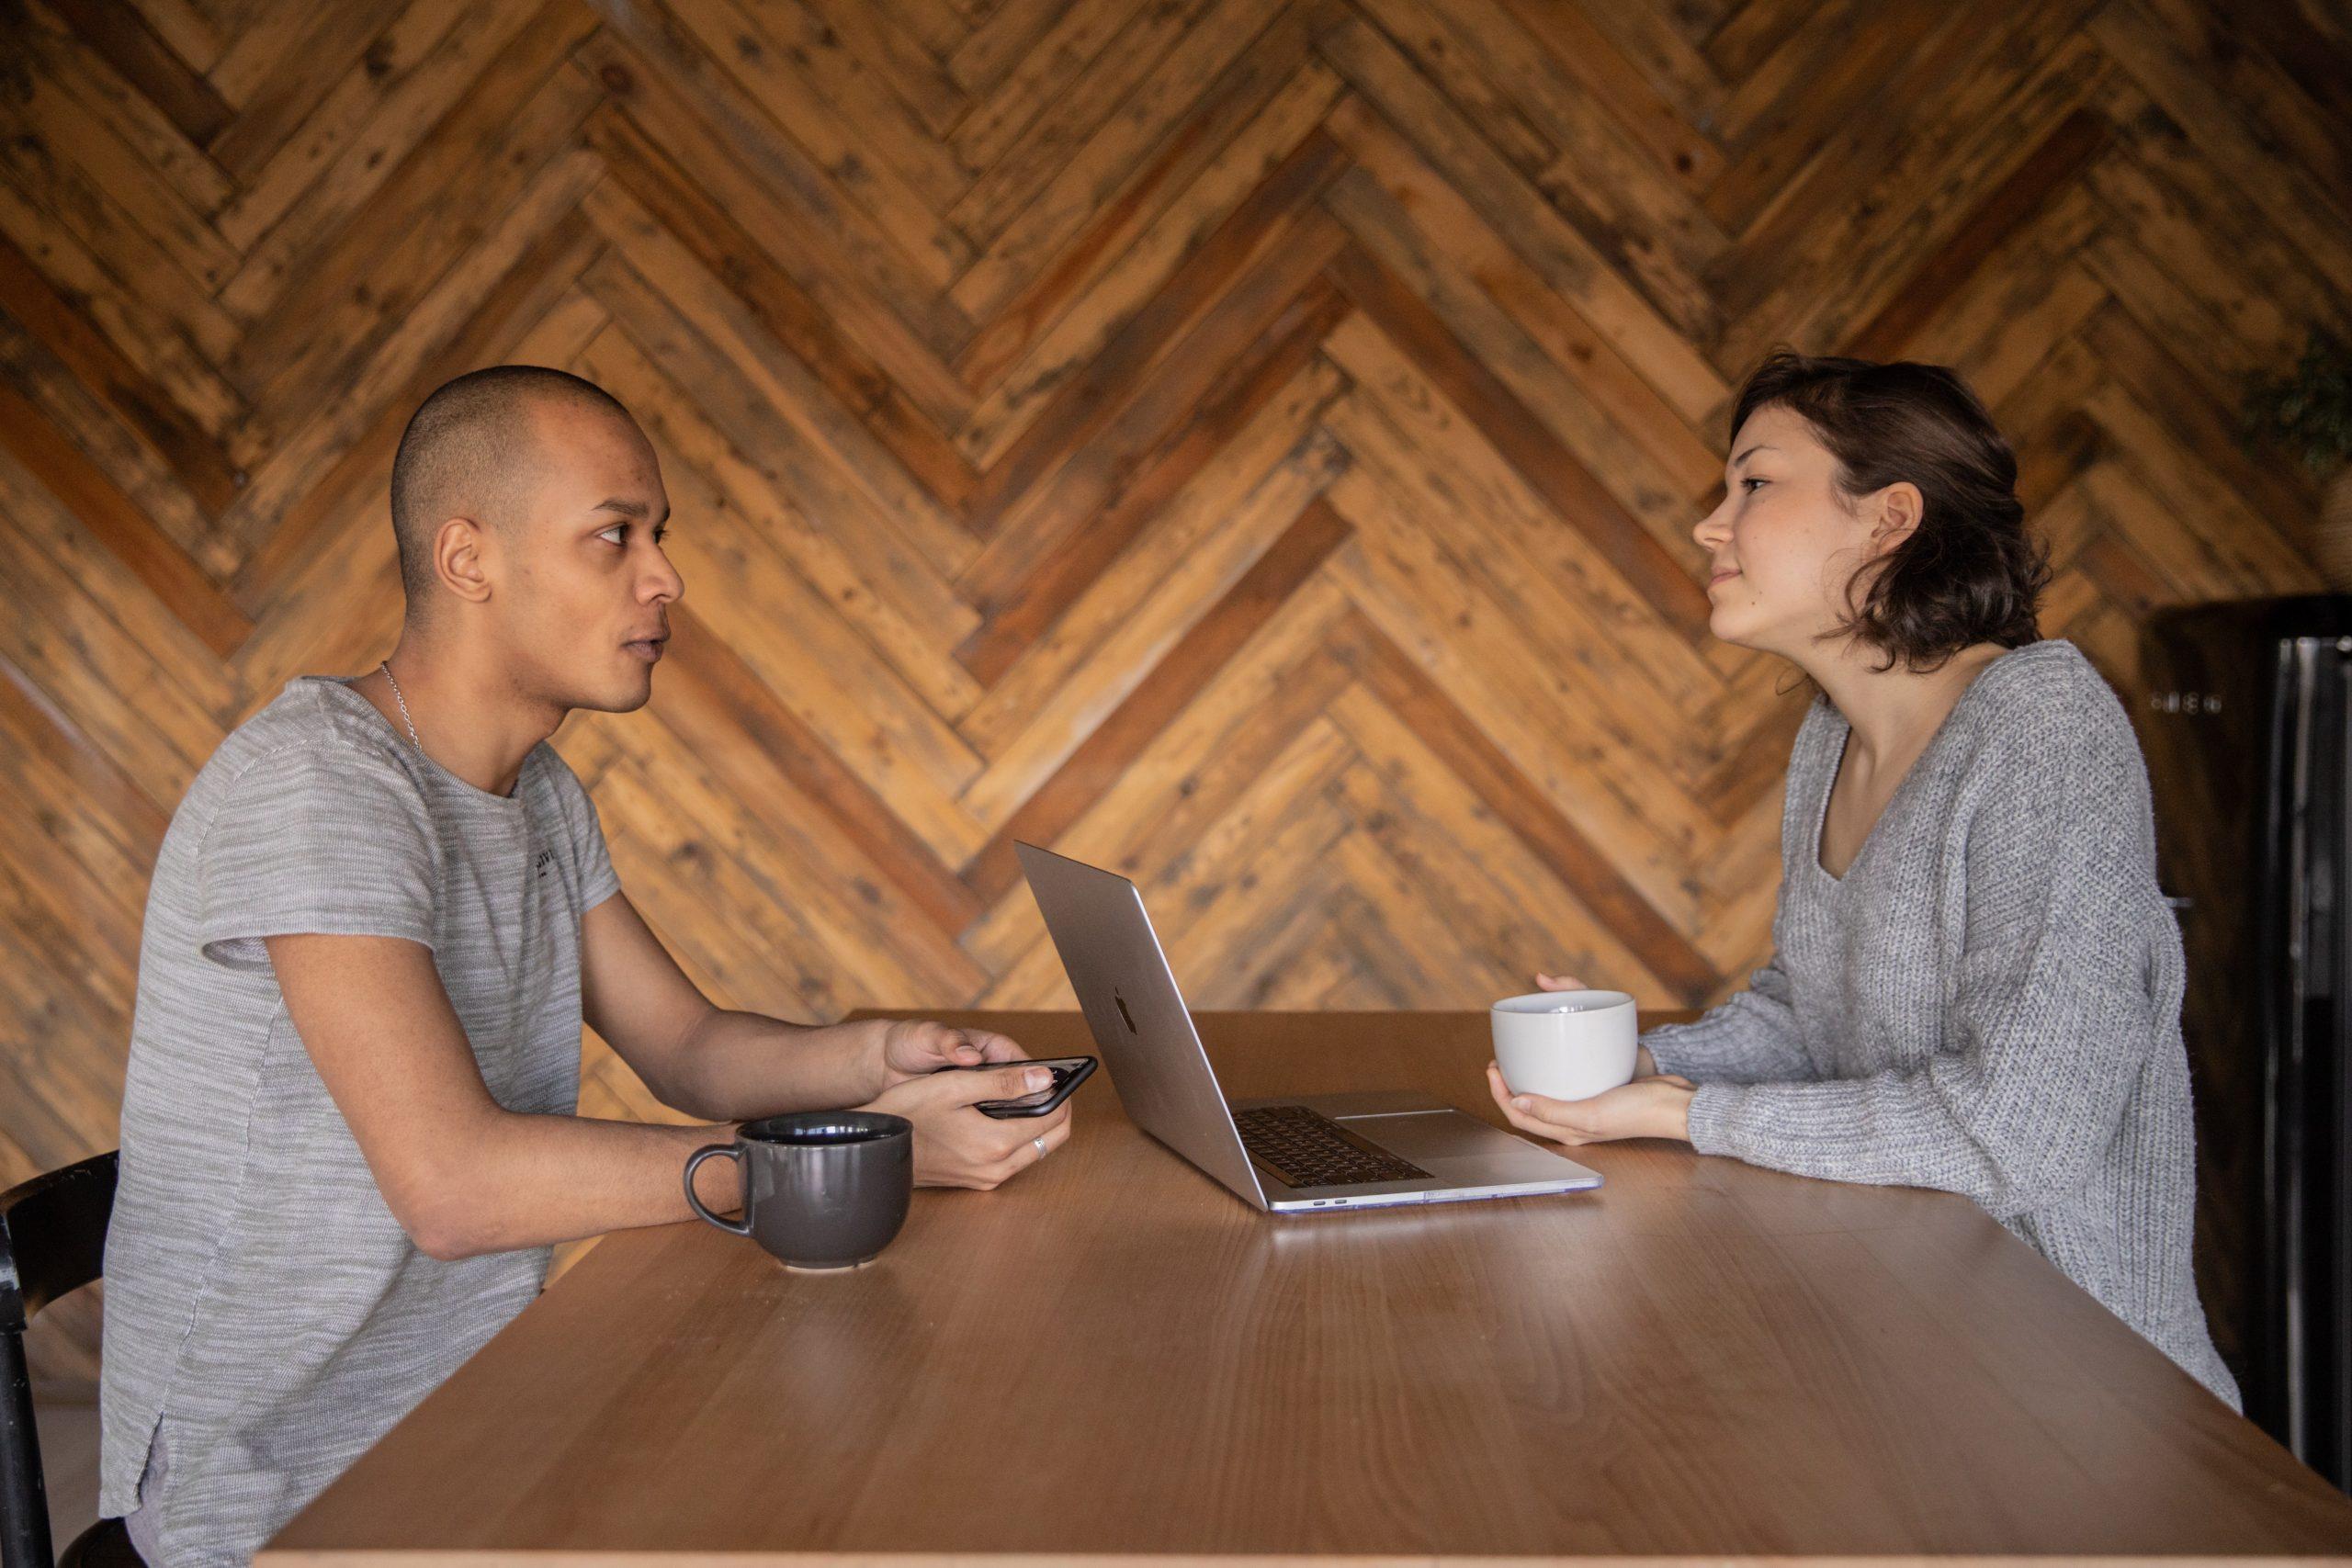 Startup Pitch, Funding, Entrepreneurship